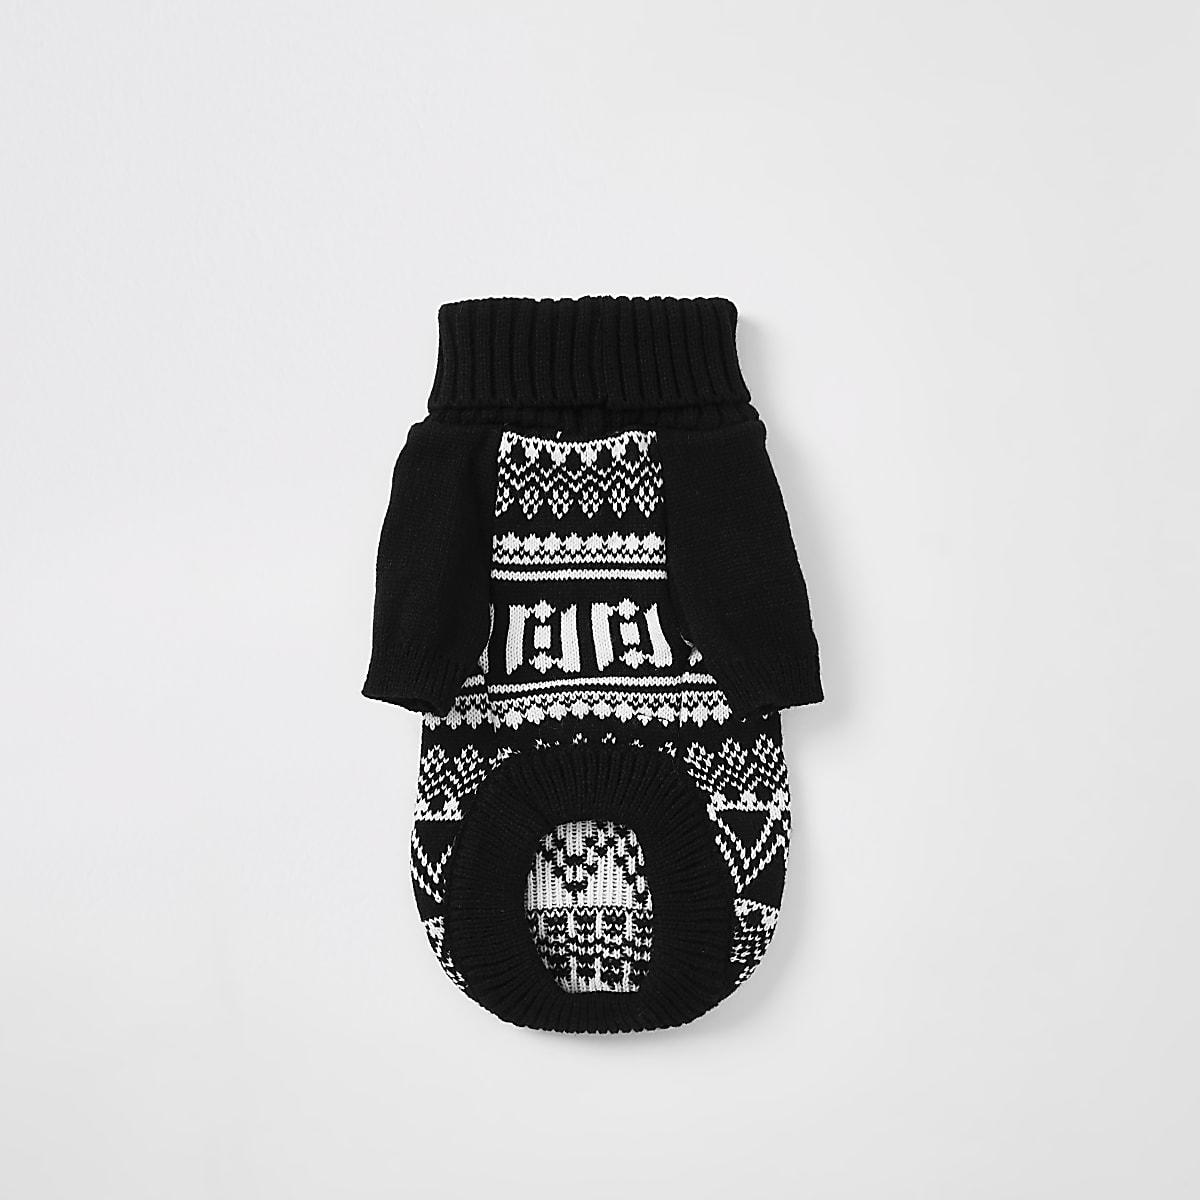 Black RI printed knitted dog jumper